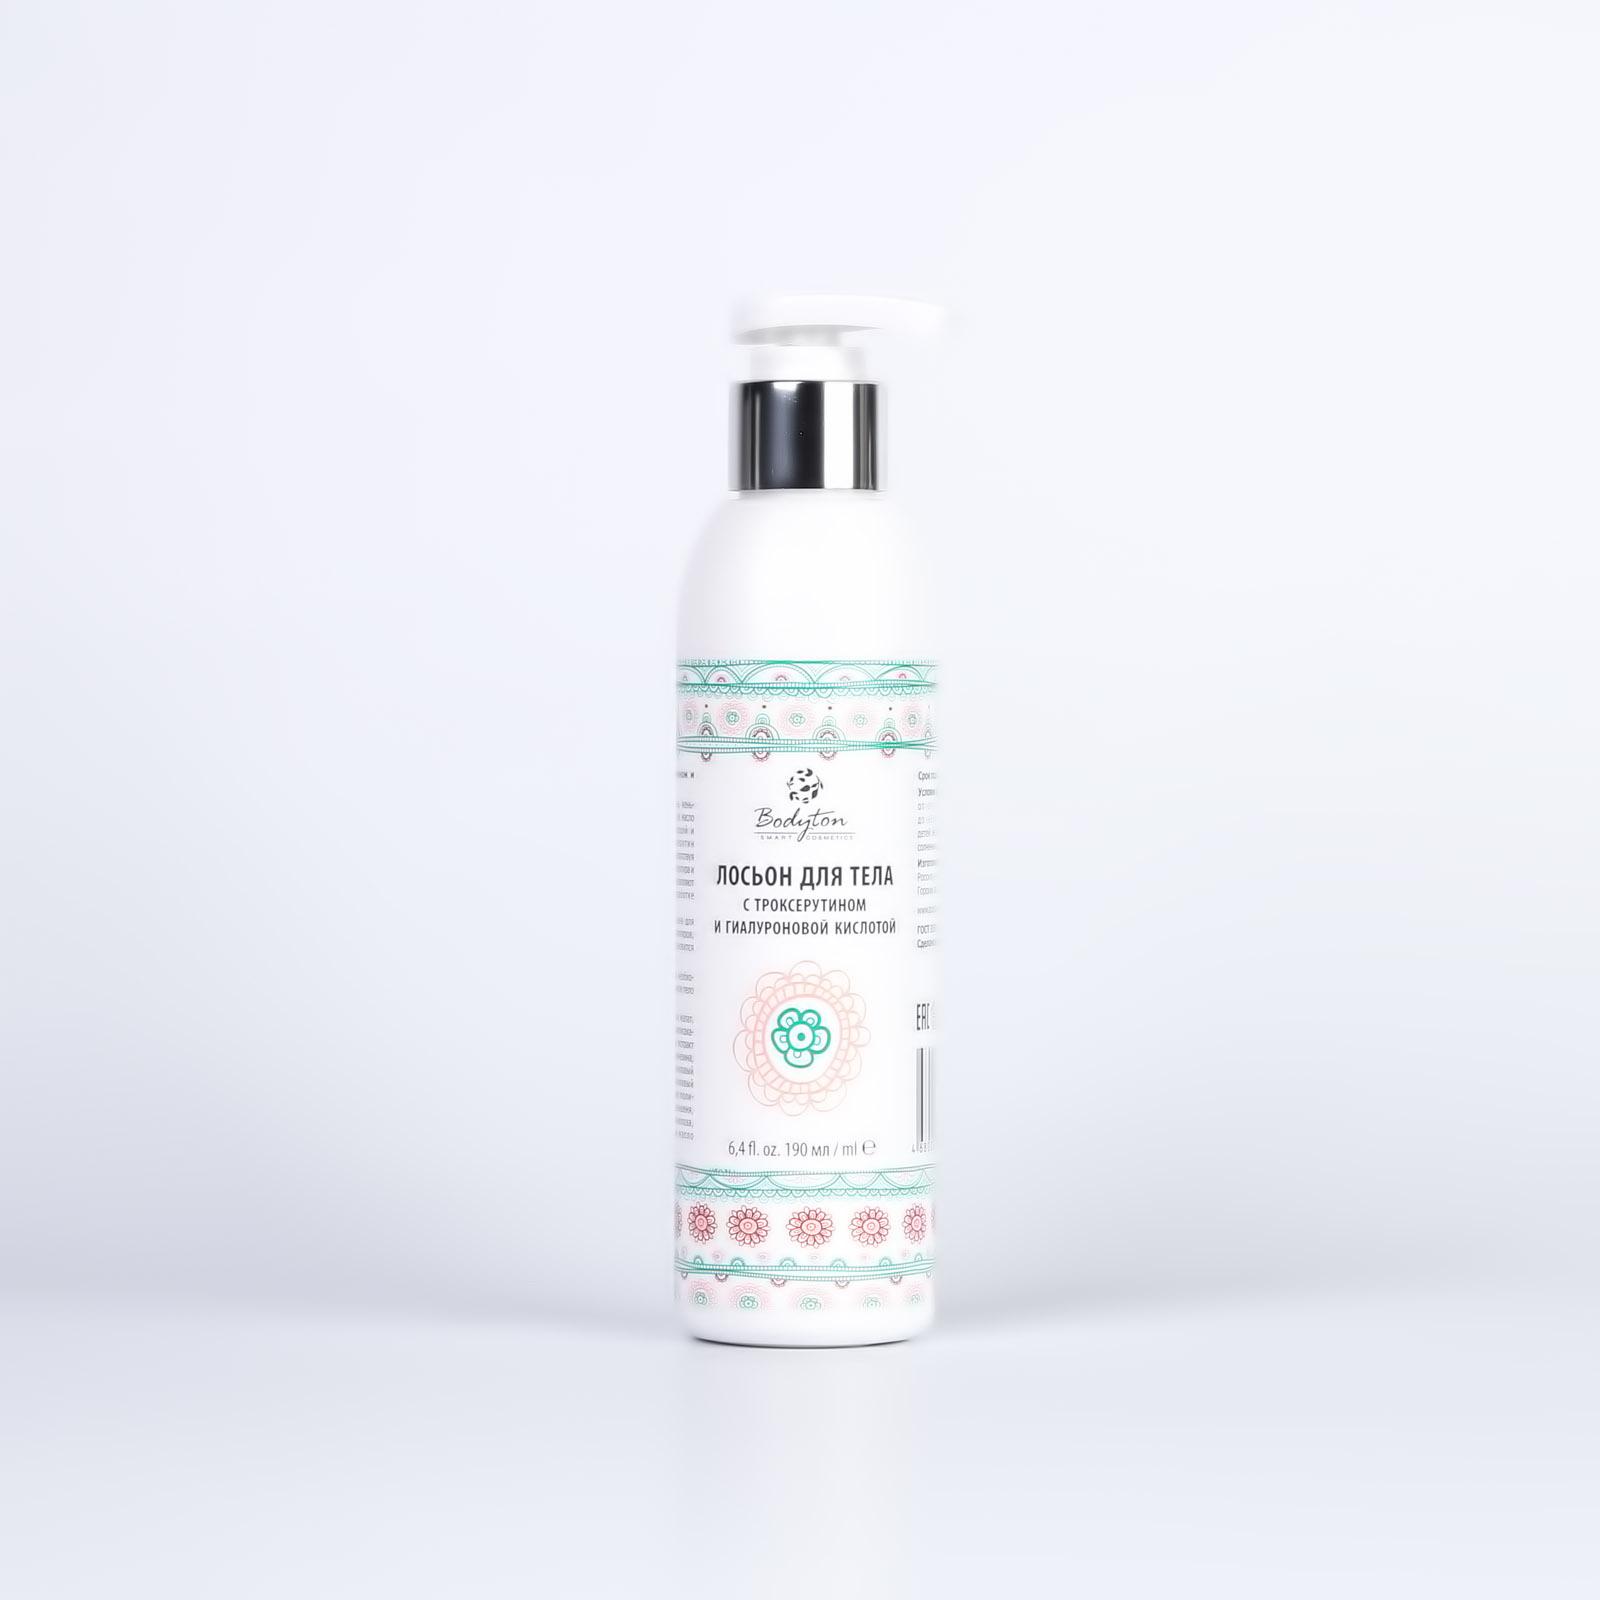 Лосьон для тела с троксерутином и гиалуроновой кислотой